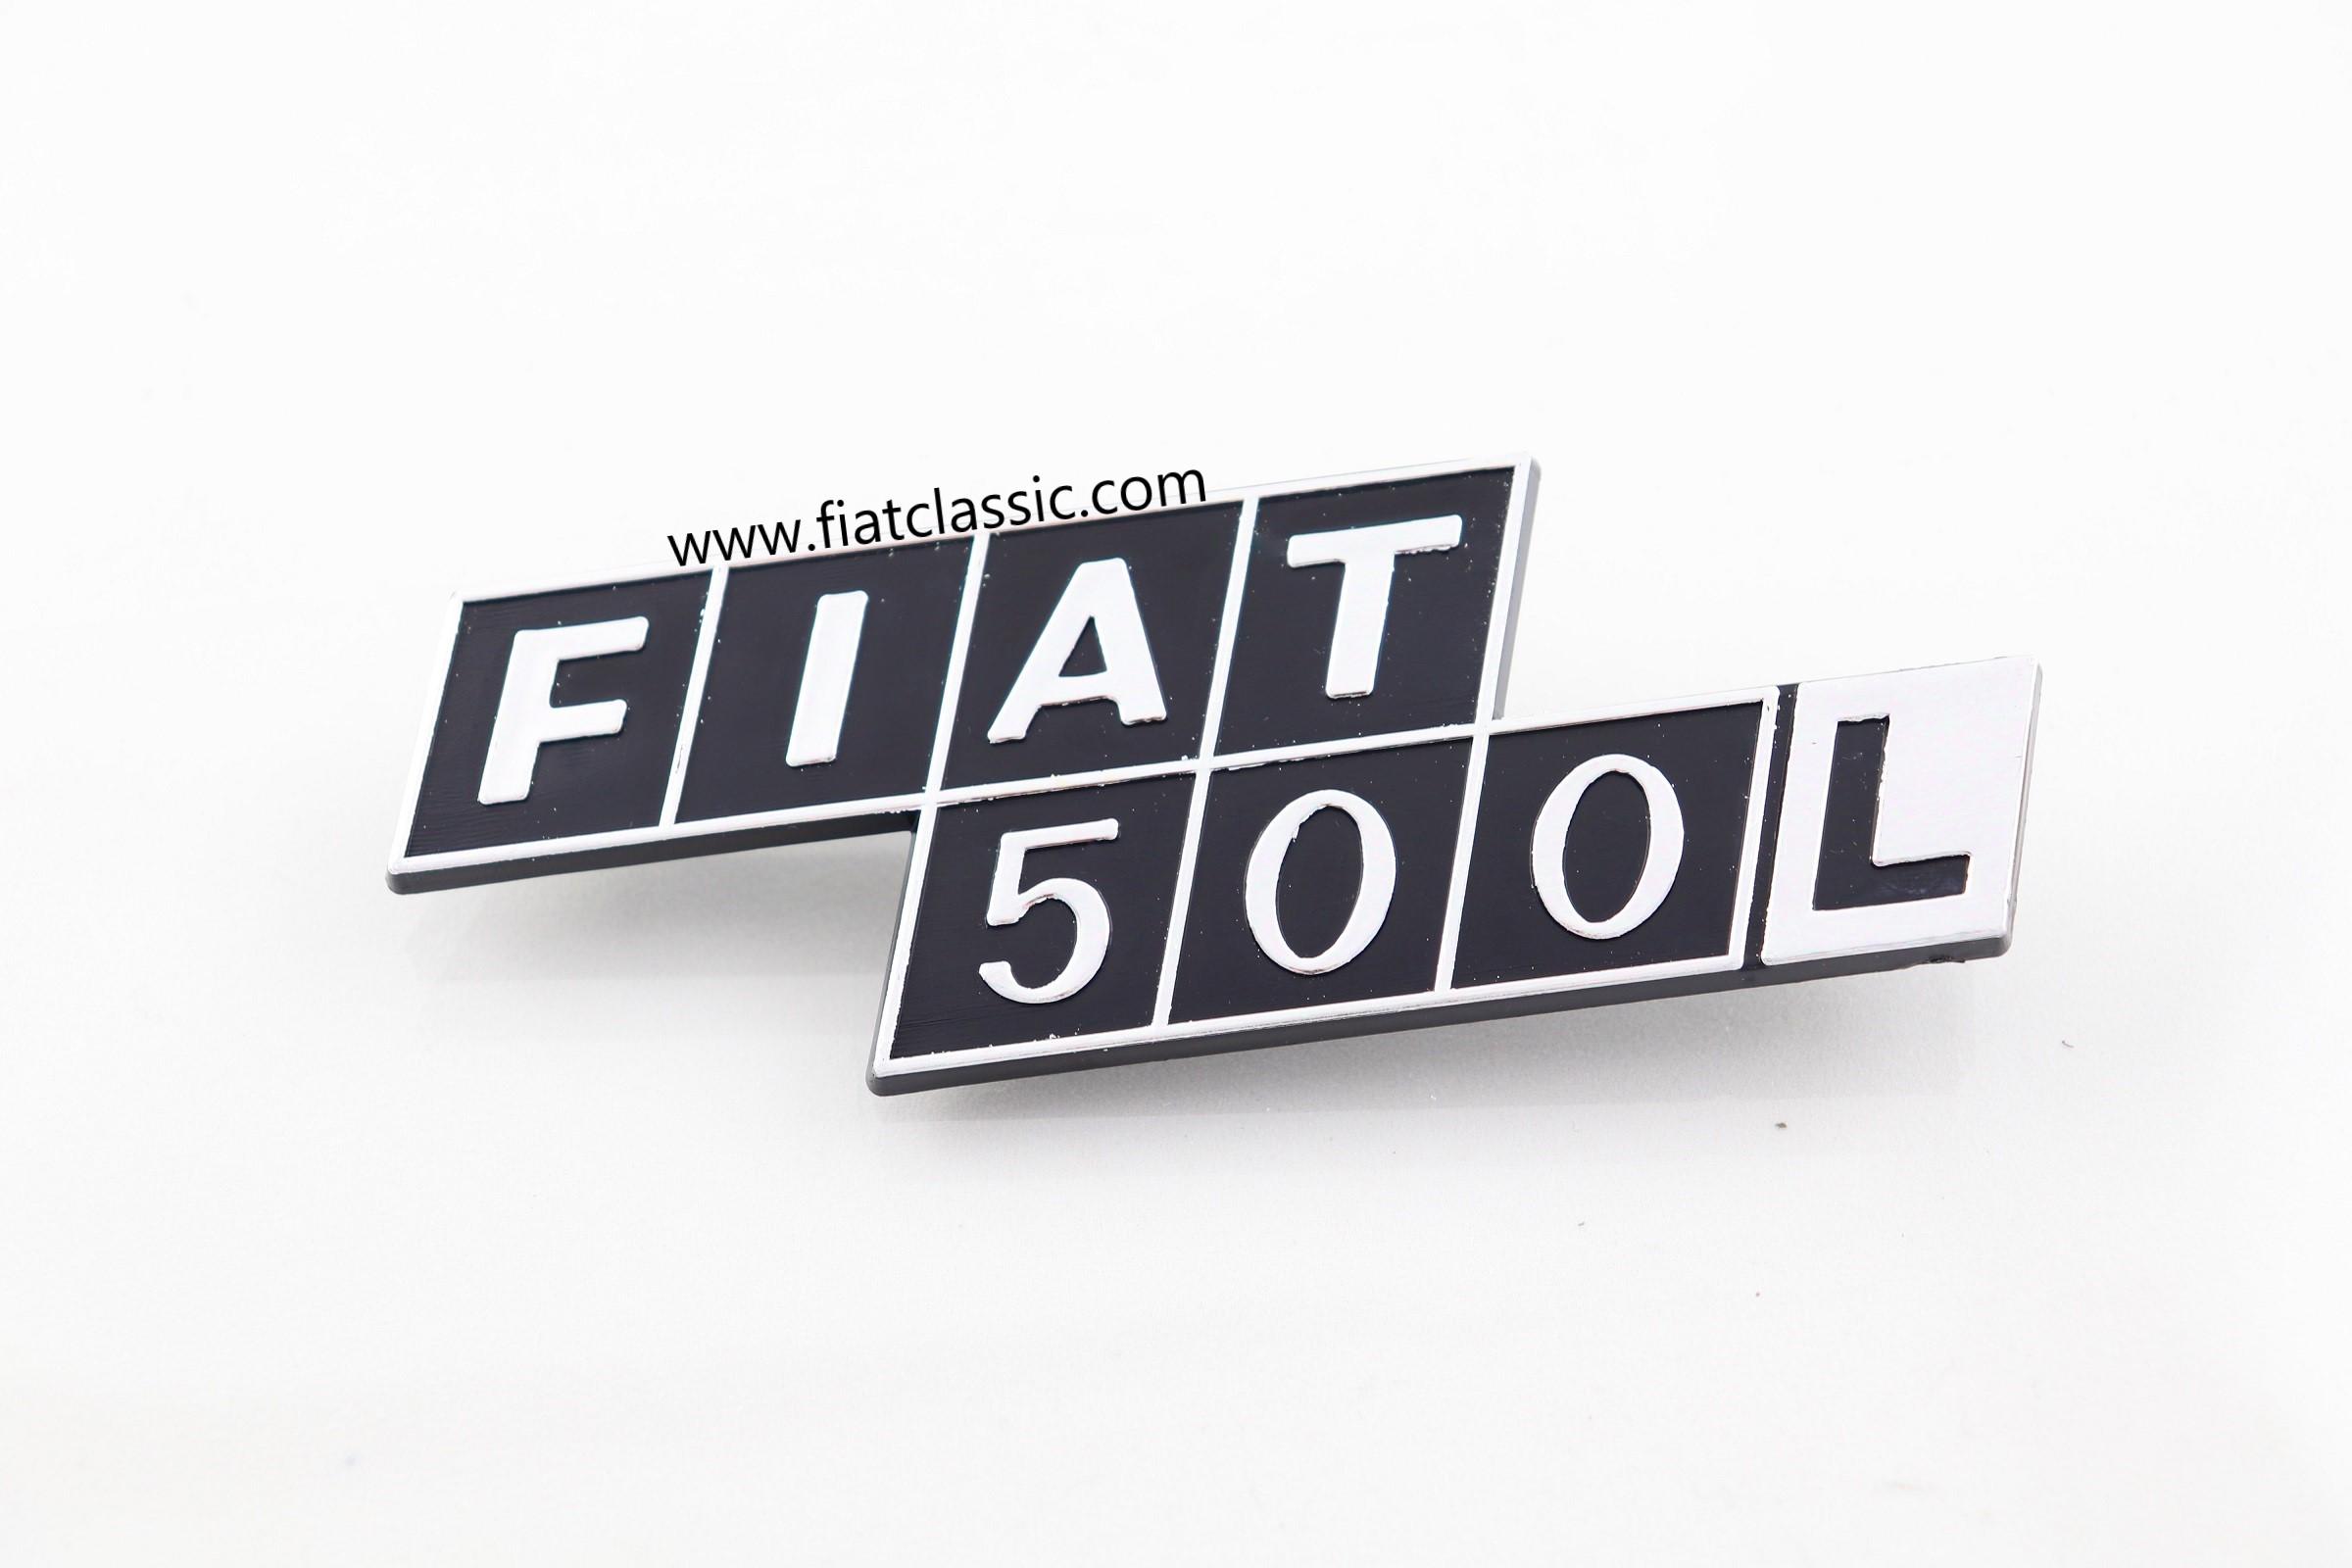 Rear Emblem Fiat 500 L Fiat Classic Online Shop